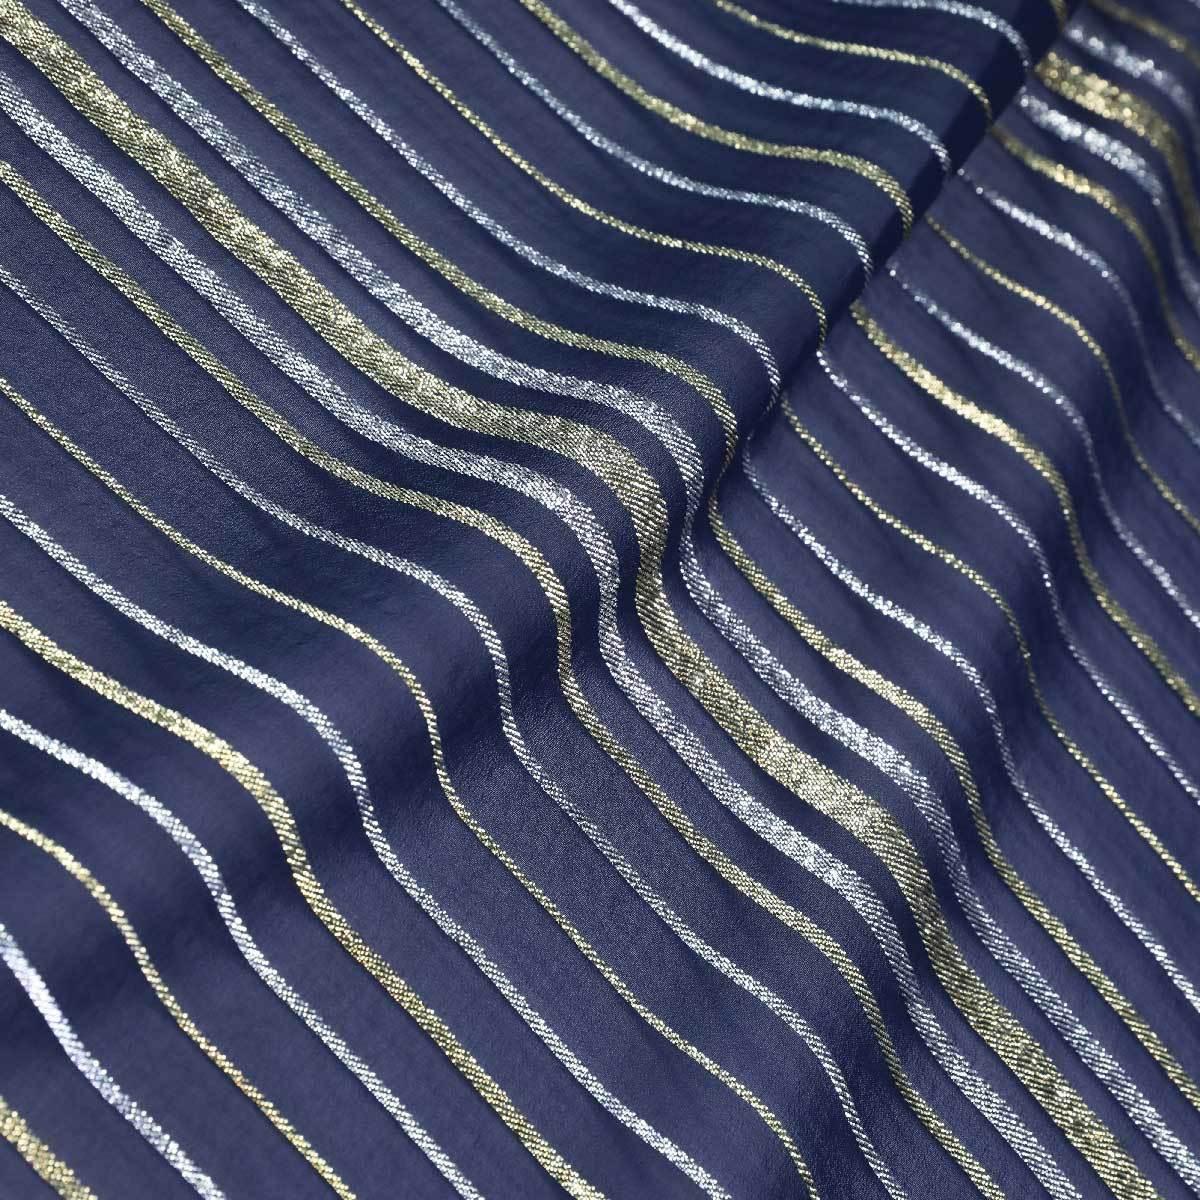 Темно-синий шелковый шифон в металлизированную полоску